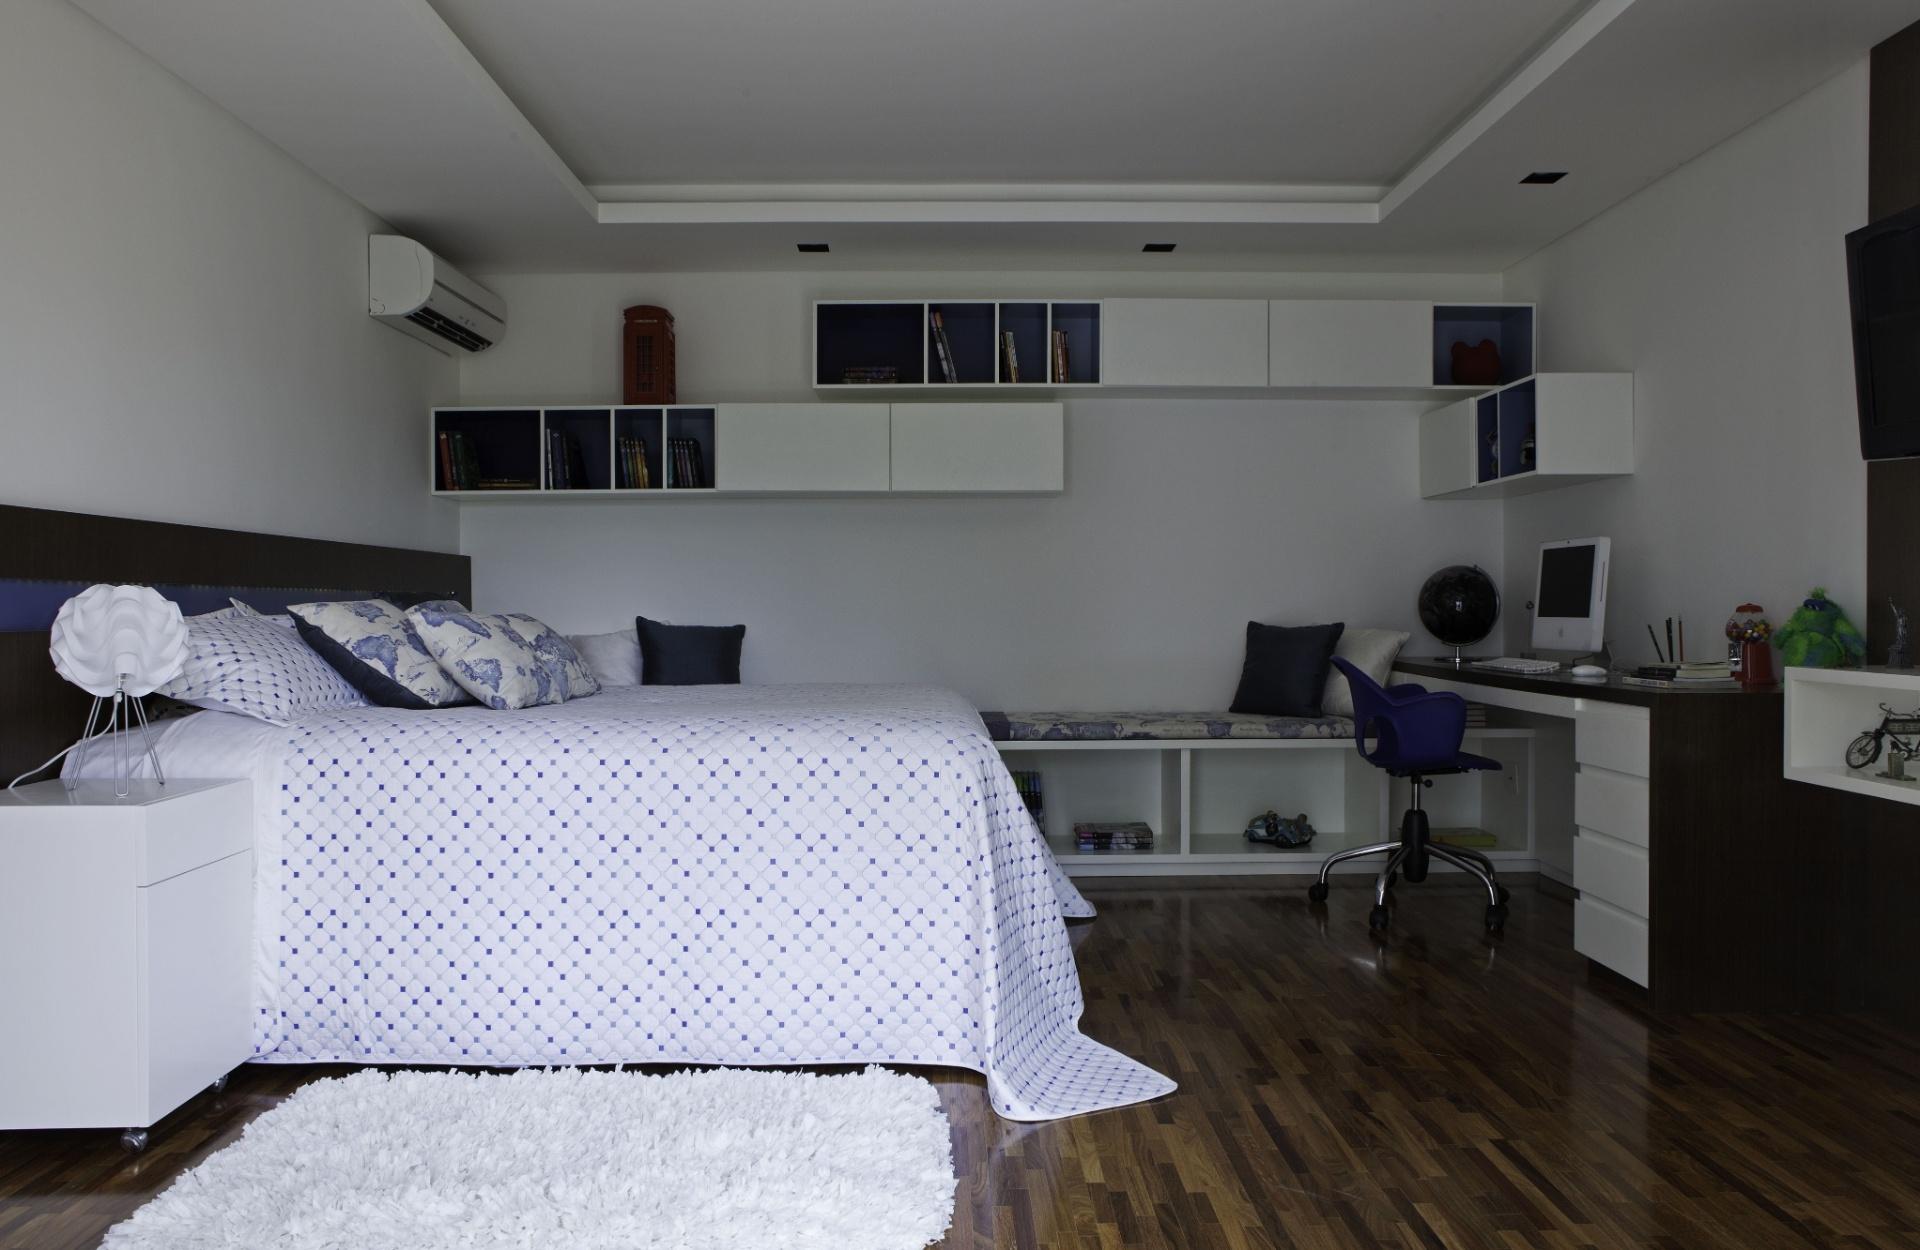 Azul e branco, além de madeira escura e pontos cinza compõem uma das suítes da casa em Barueri (SP), decorada por Giseli Koraicho. No chão, tacos palito em cumaru